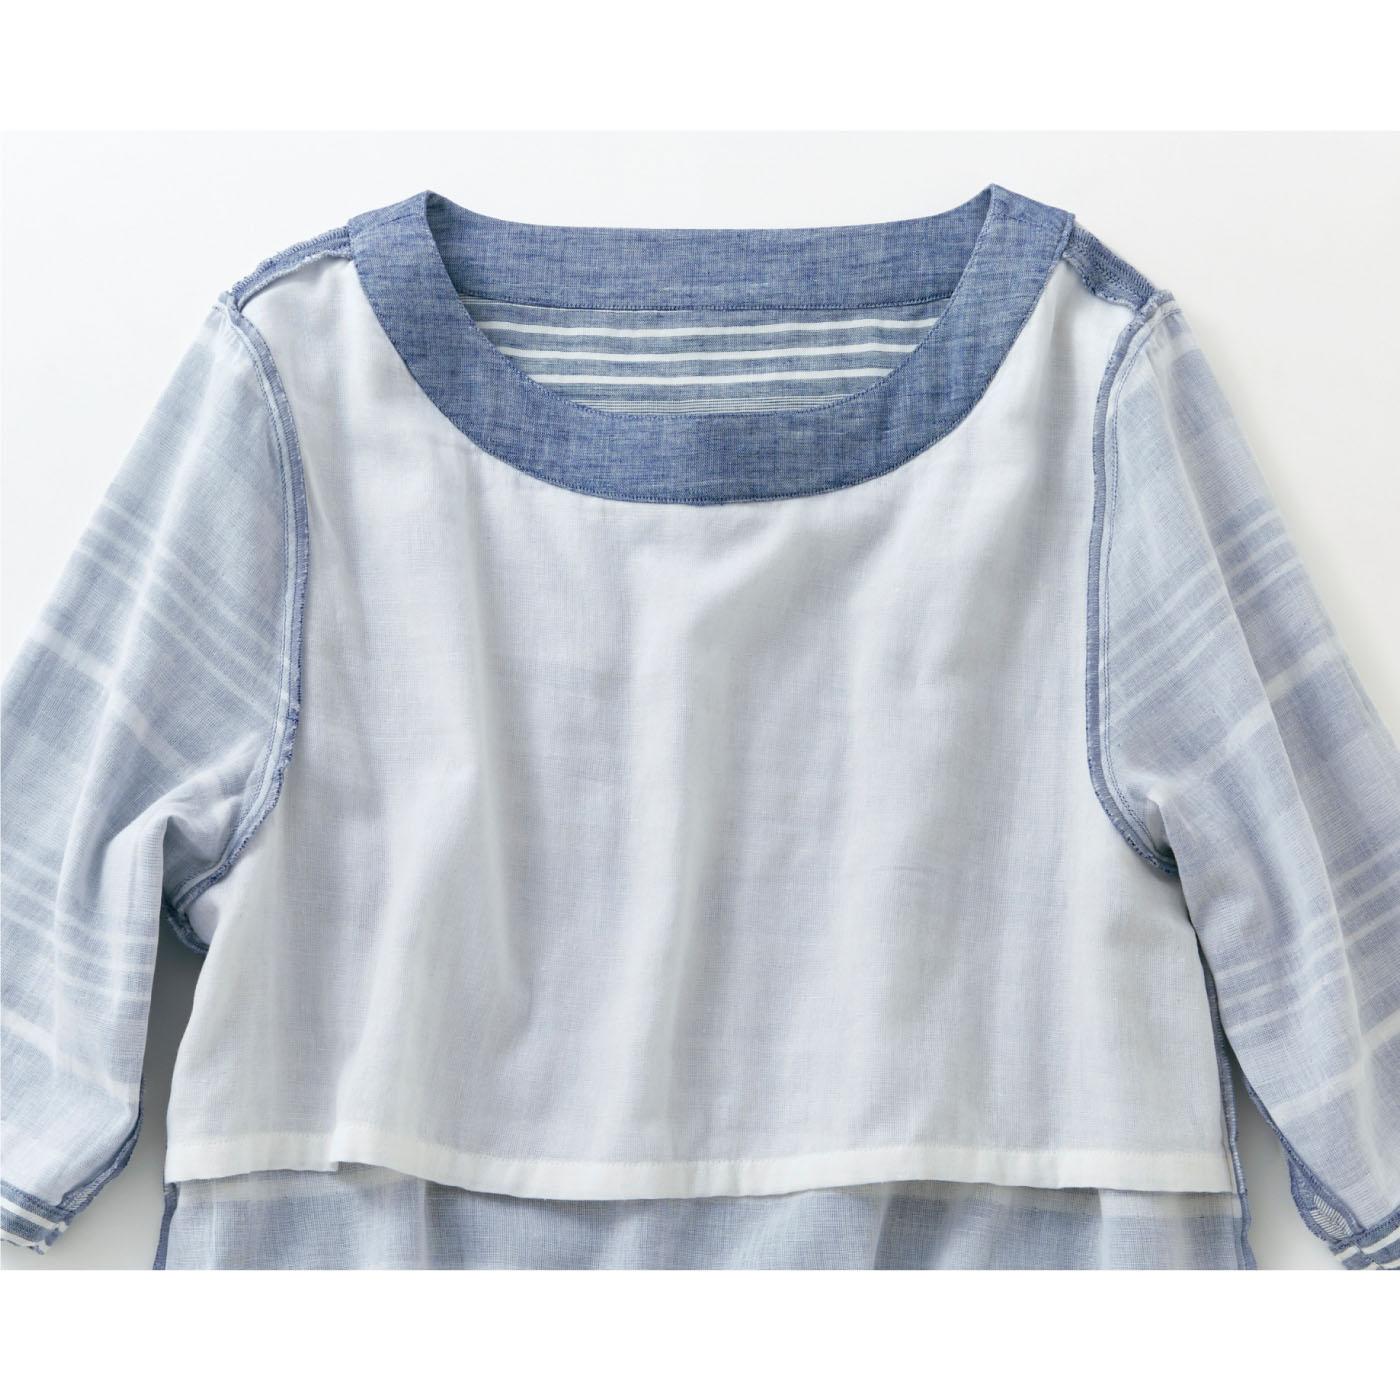 内側の胸もと部分は綿100%の当て布付きなので、ブラなしでも安心。